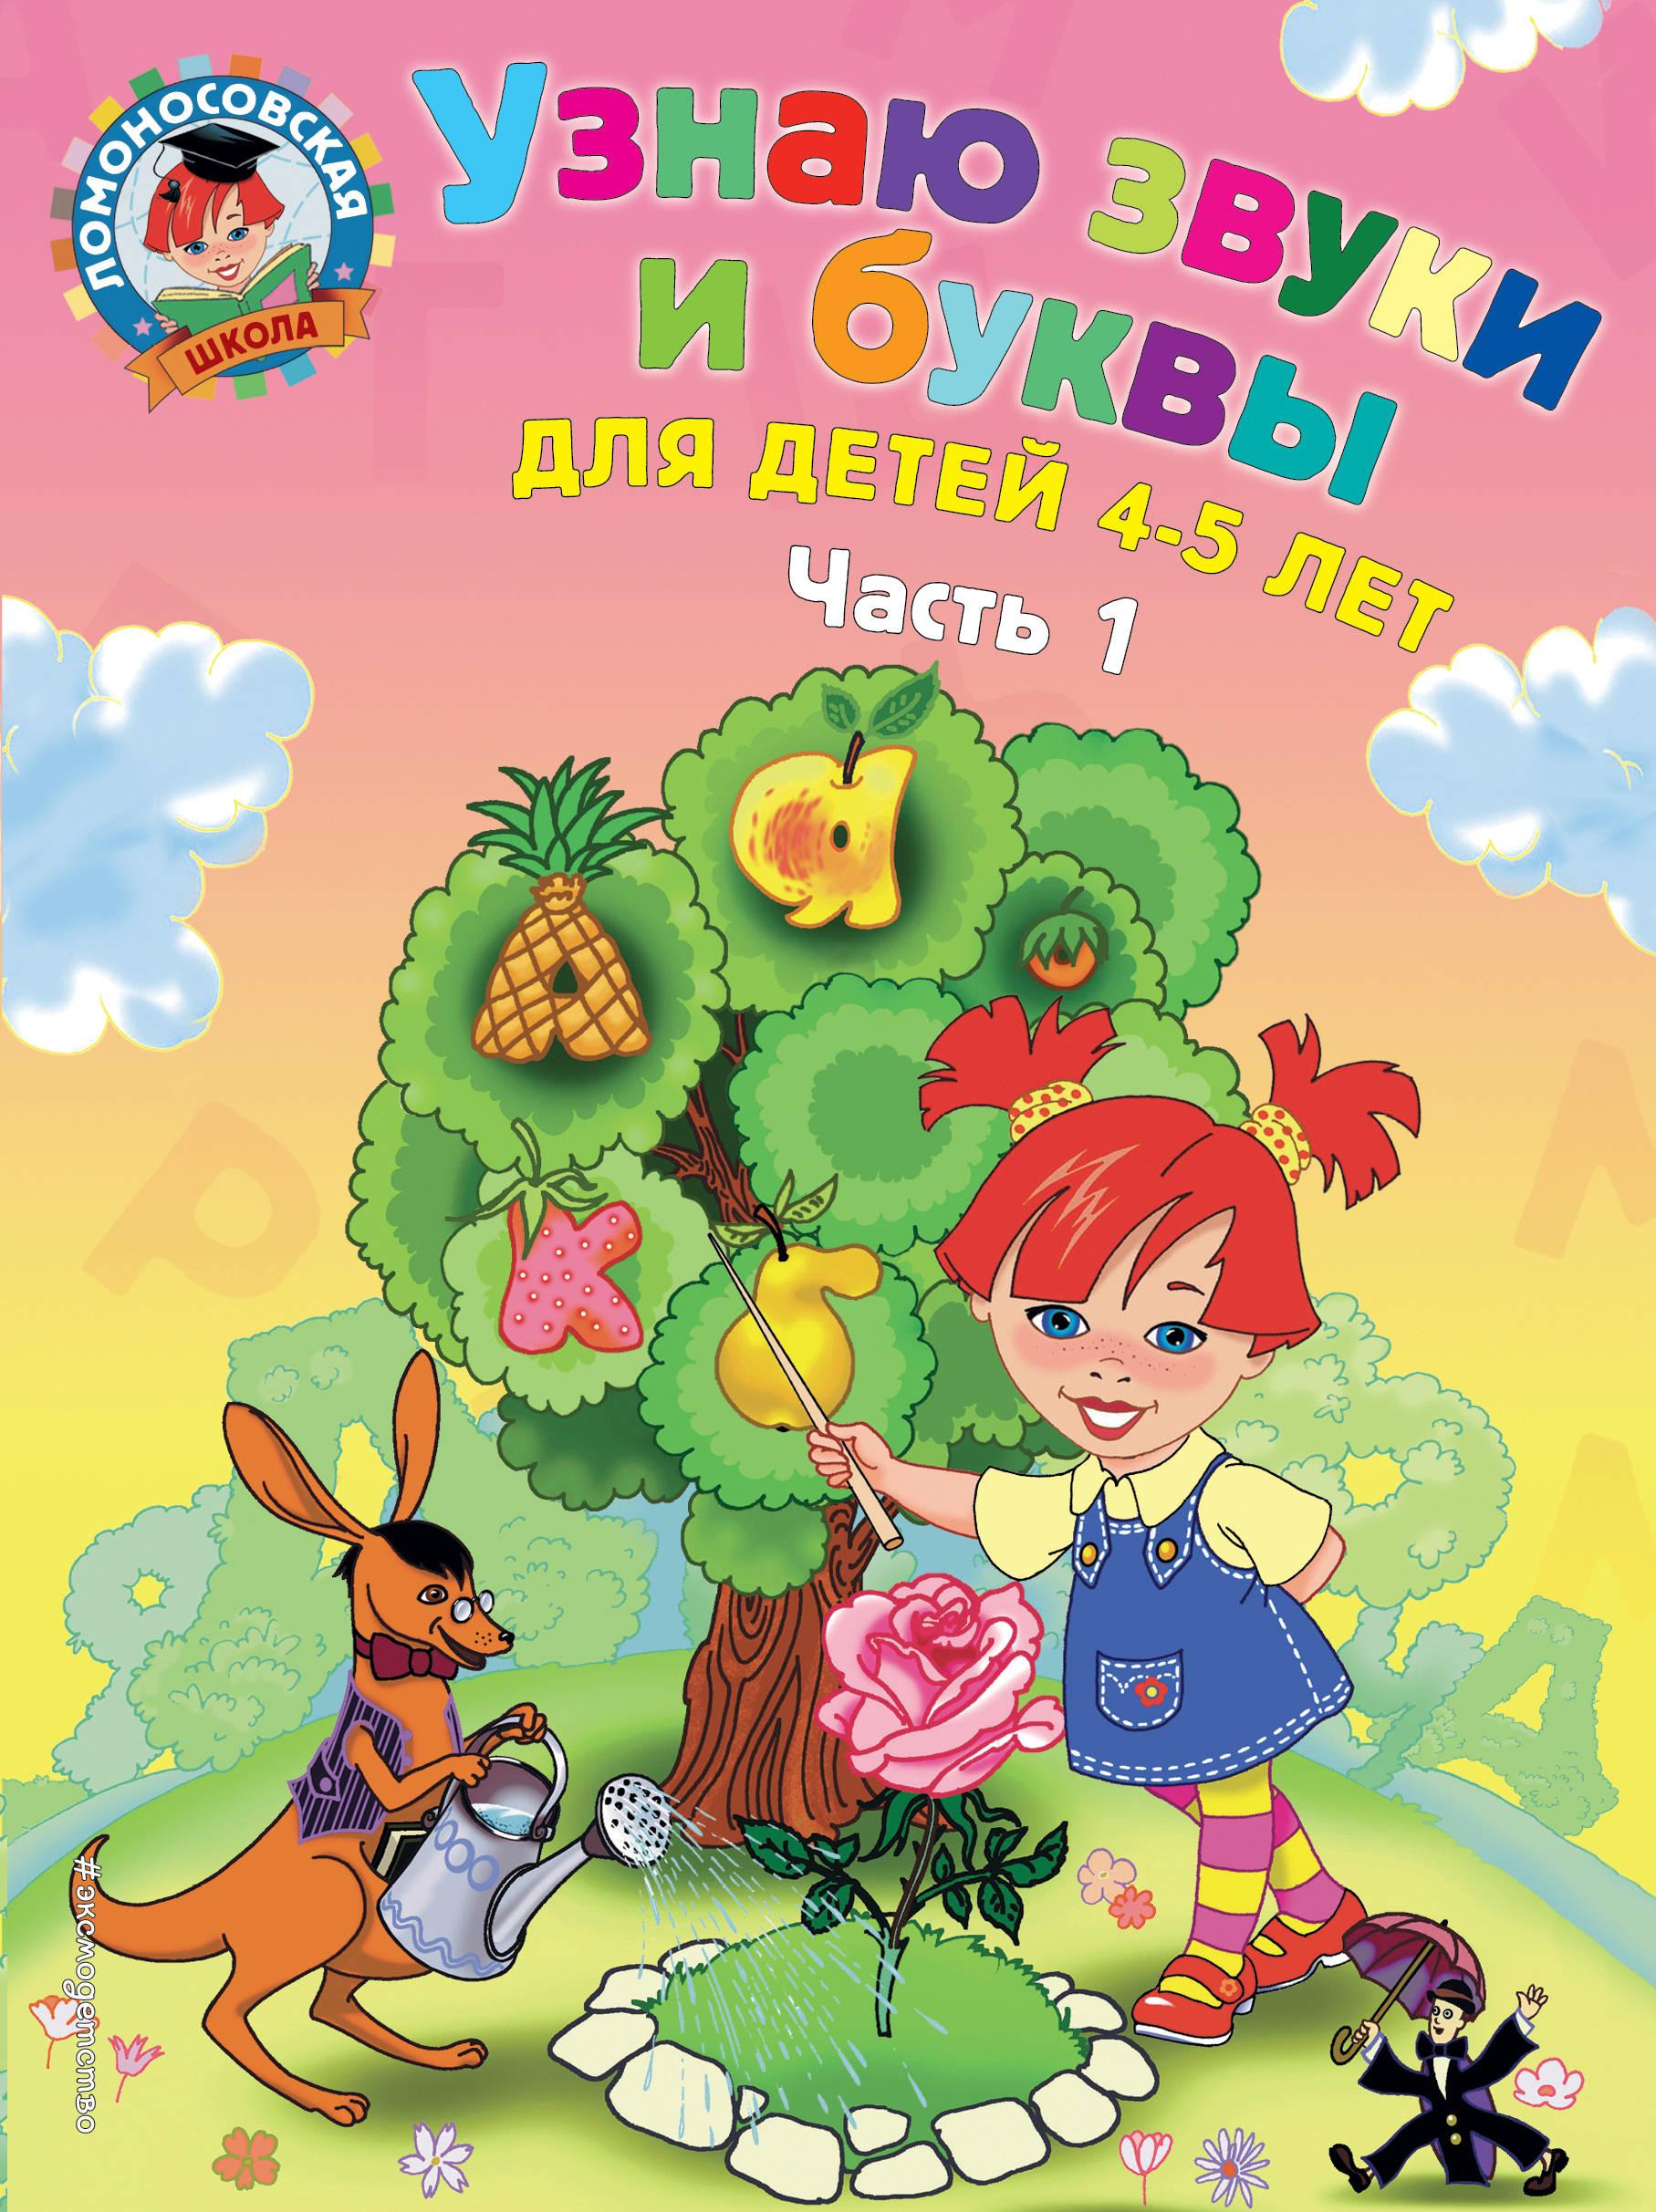 Пятак С.В. Узнаю звуки и буквы. Для детей 4-5 лет. В 2 частях. Часть 1 ISBN: 978-5-699-62369-3 эксмо узнаю звуки и буквы для детей 4 5 лет